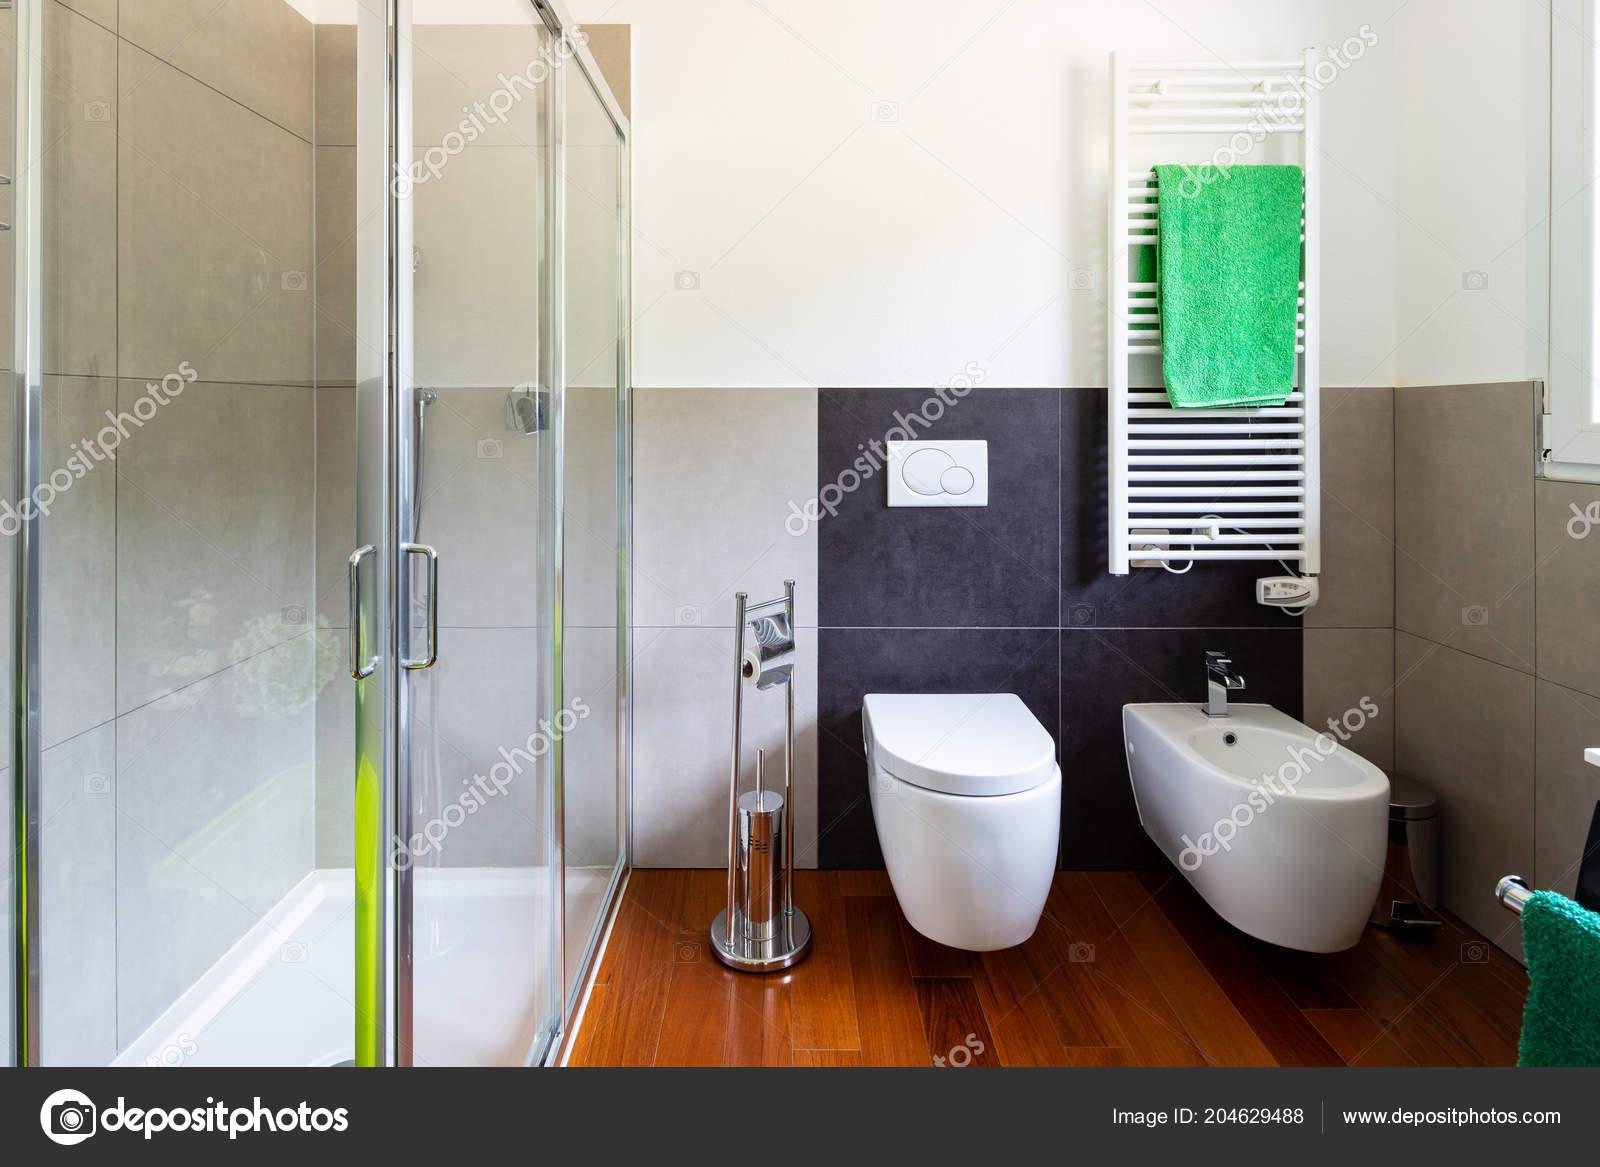 Moderno bagno con piastrelle chiare scure nessuno all interno